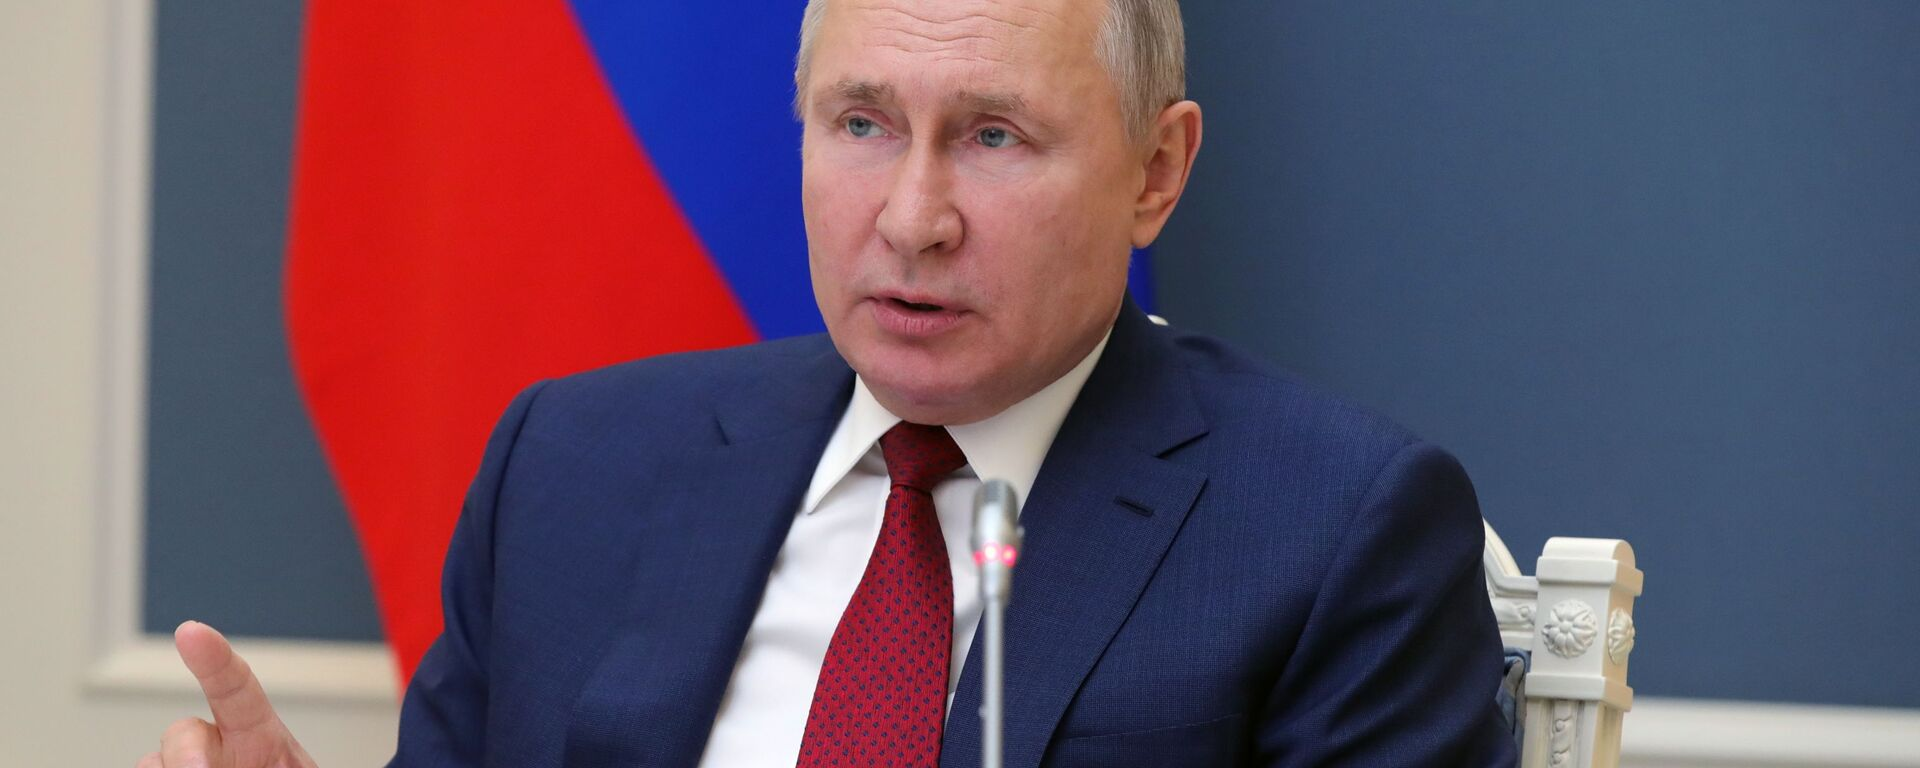 Президент РФ В. Путин выступил на сессии онлайн-форума Давосская повестка дня 2021 - Sputnik Ўзбекистон, 1920, 13.05.2021